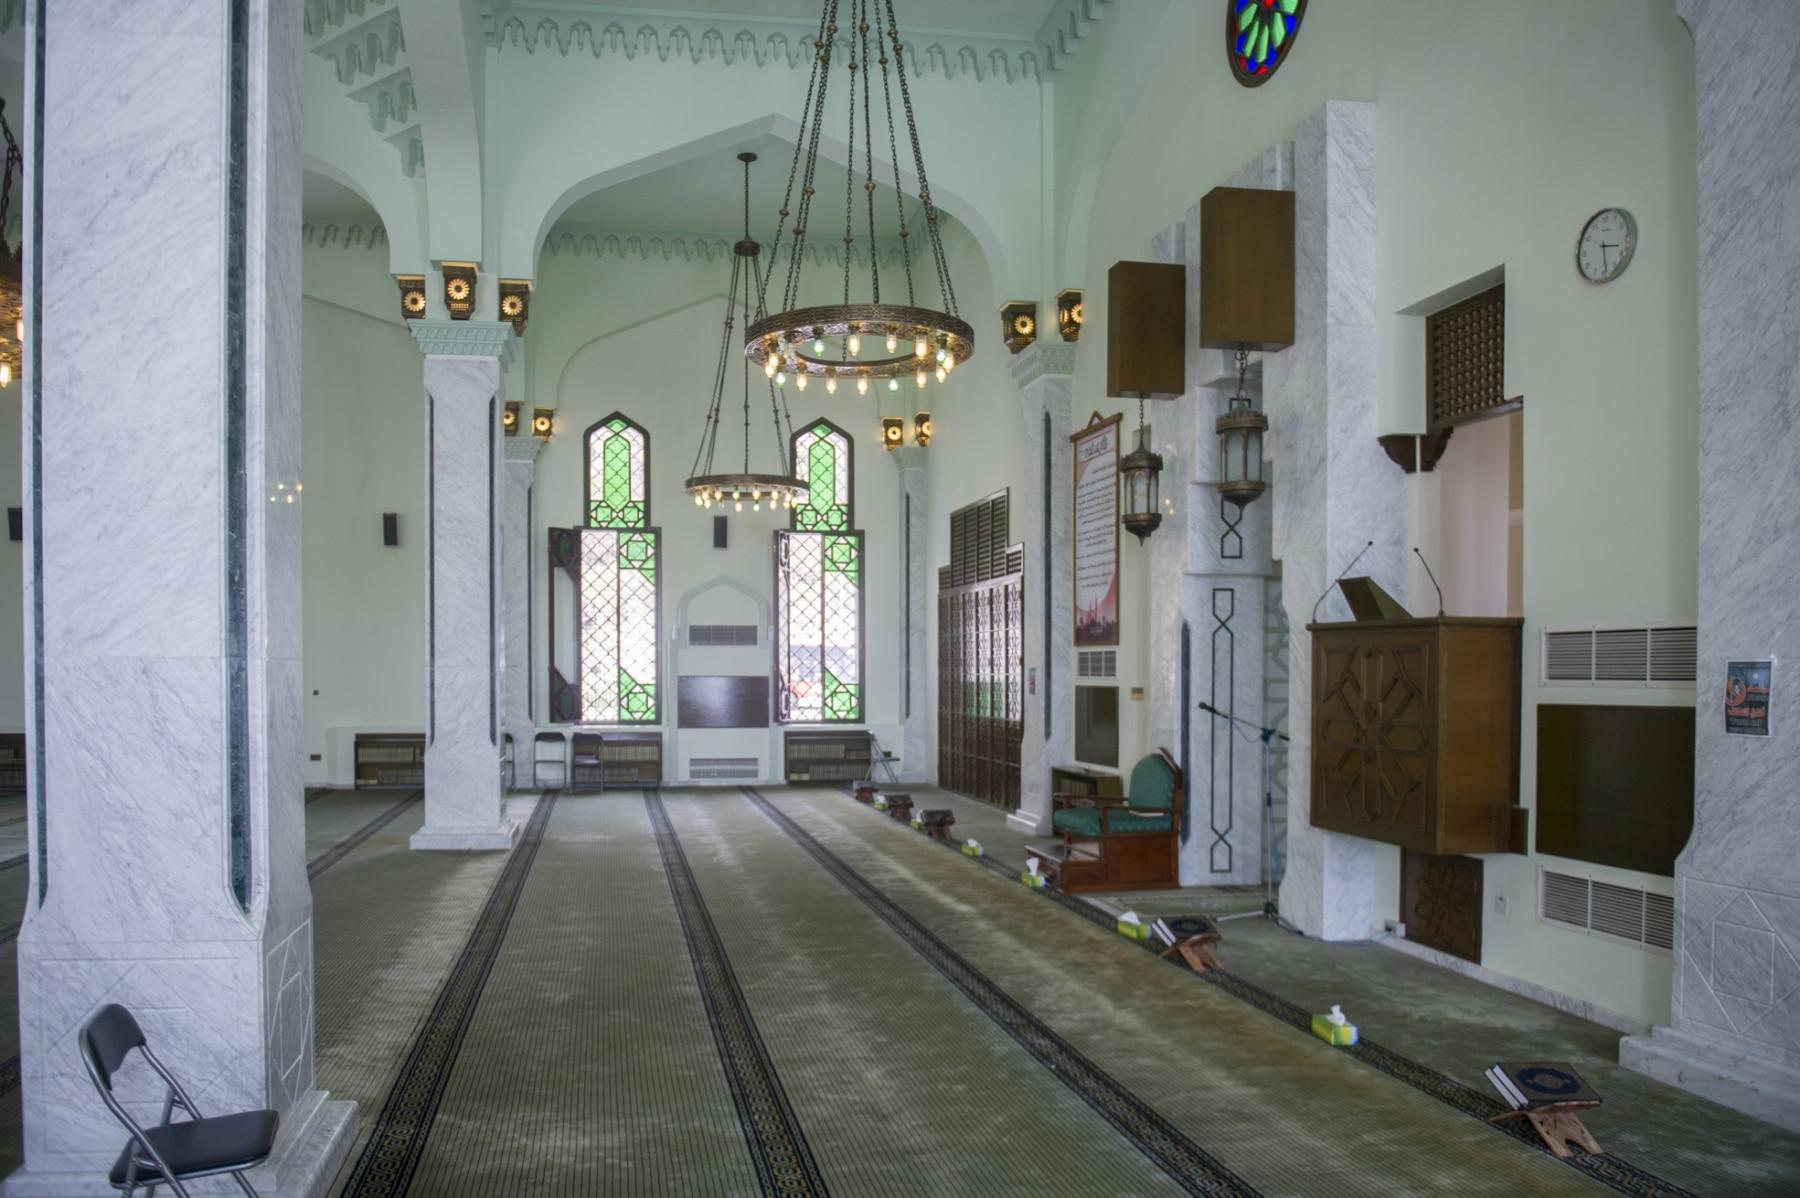 Mezquita-14